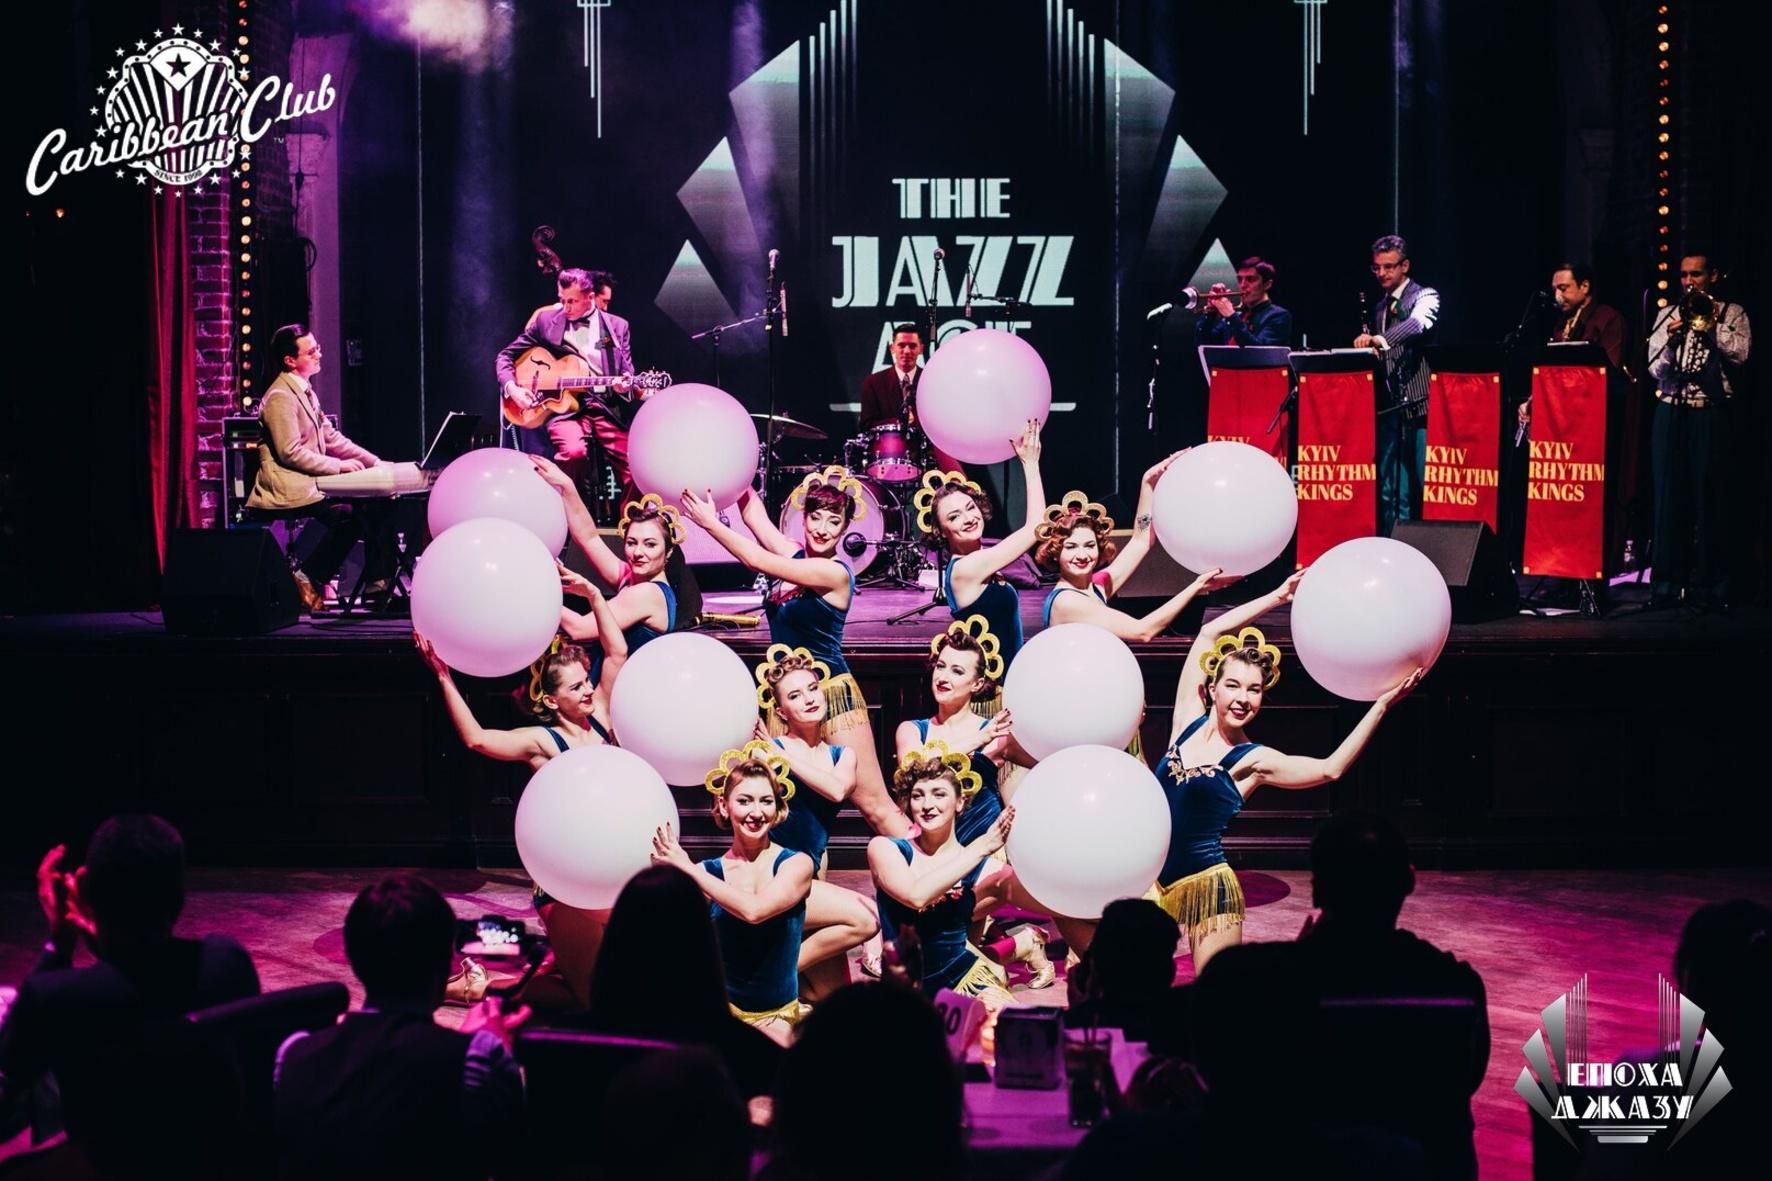 Caribbean Club та Radio Jazz презентують серію камерних вечорів «Джазовий квартирник»